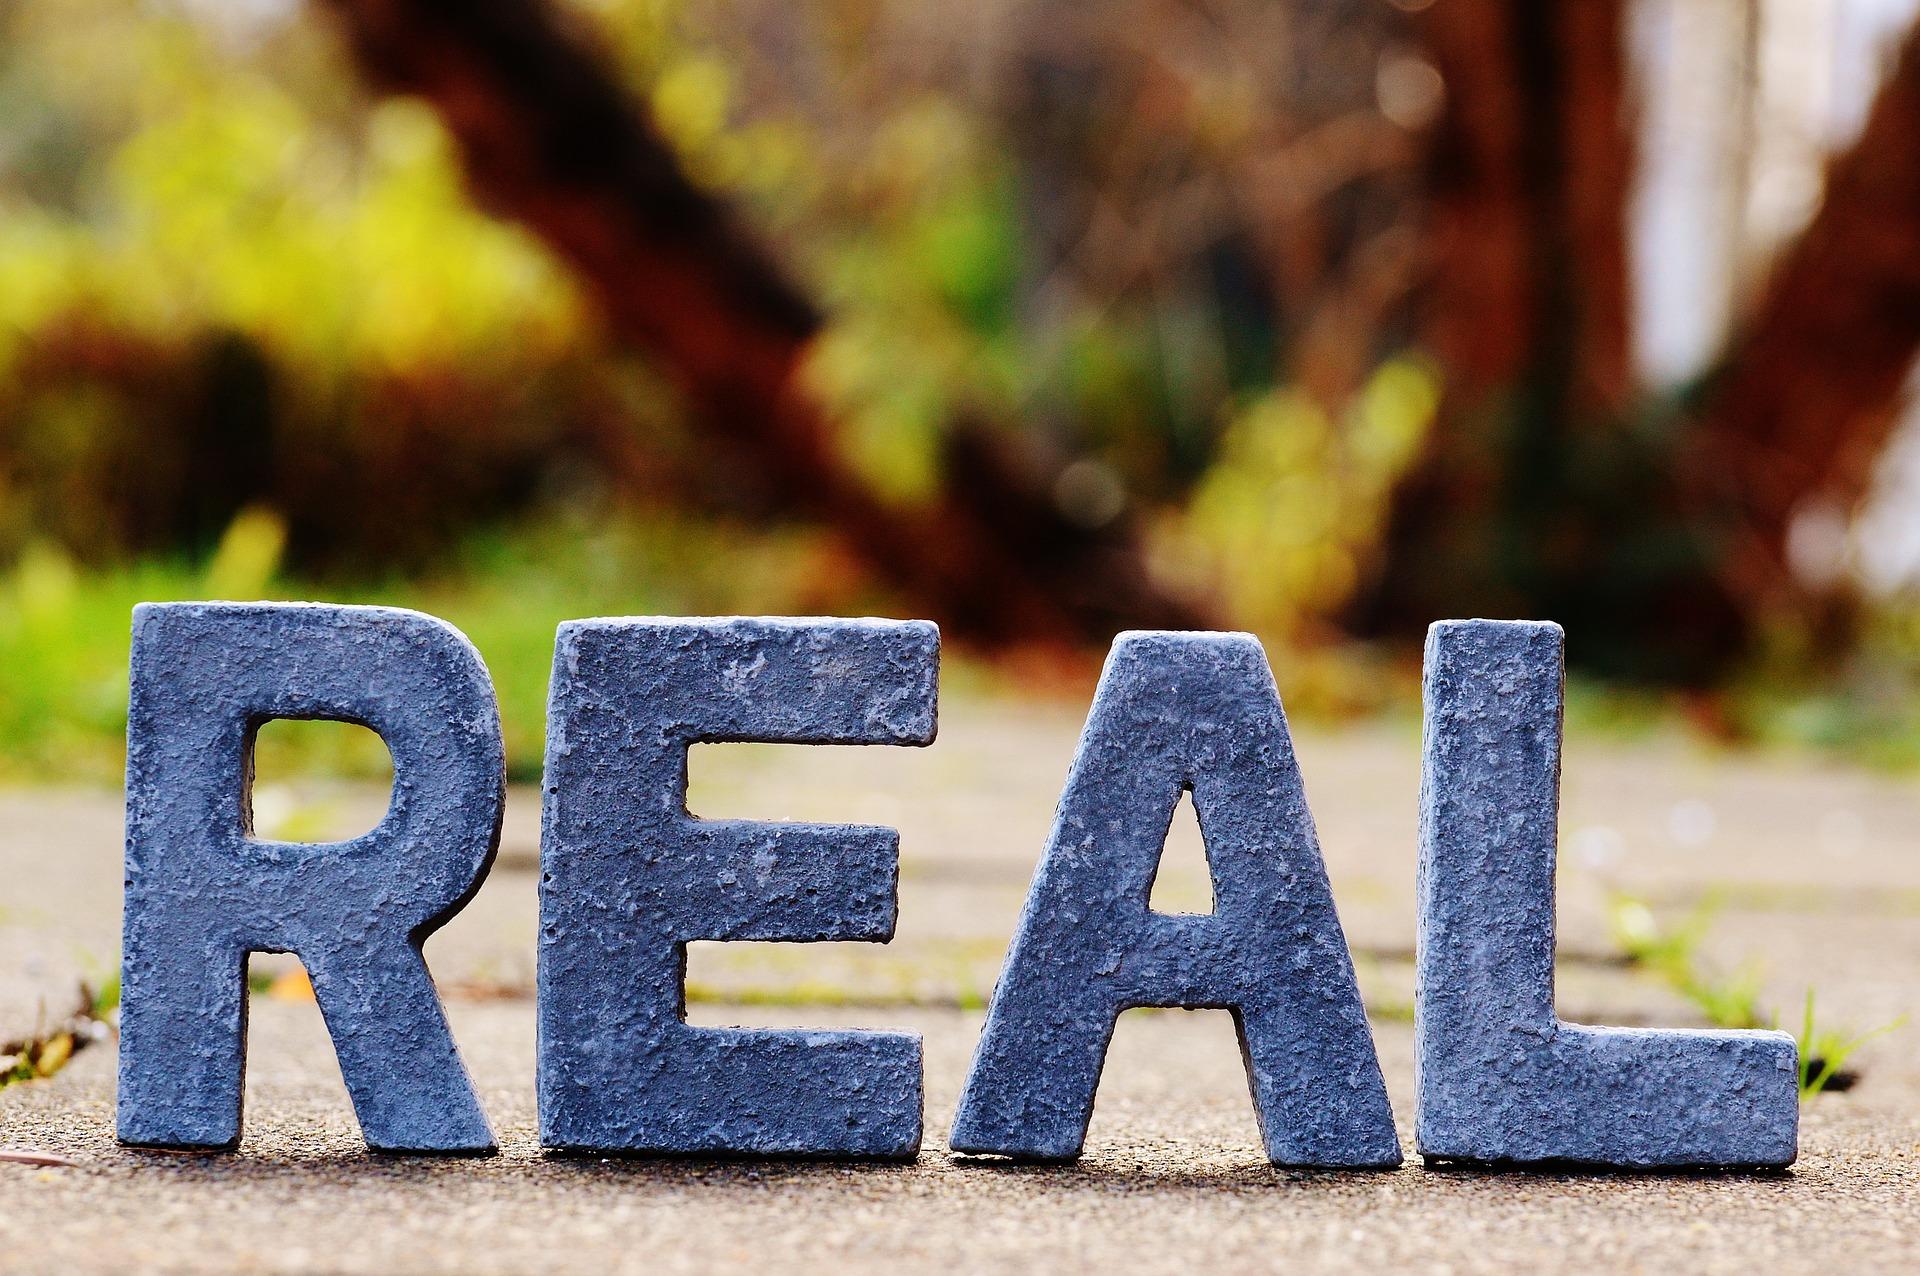 Niepełnosprawność – (nie)chciana rzeczywistość?